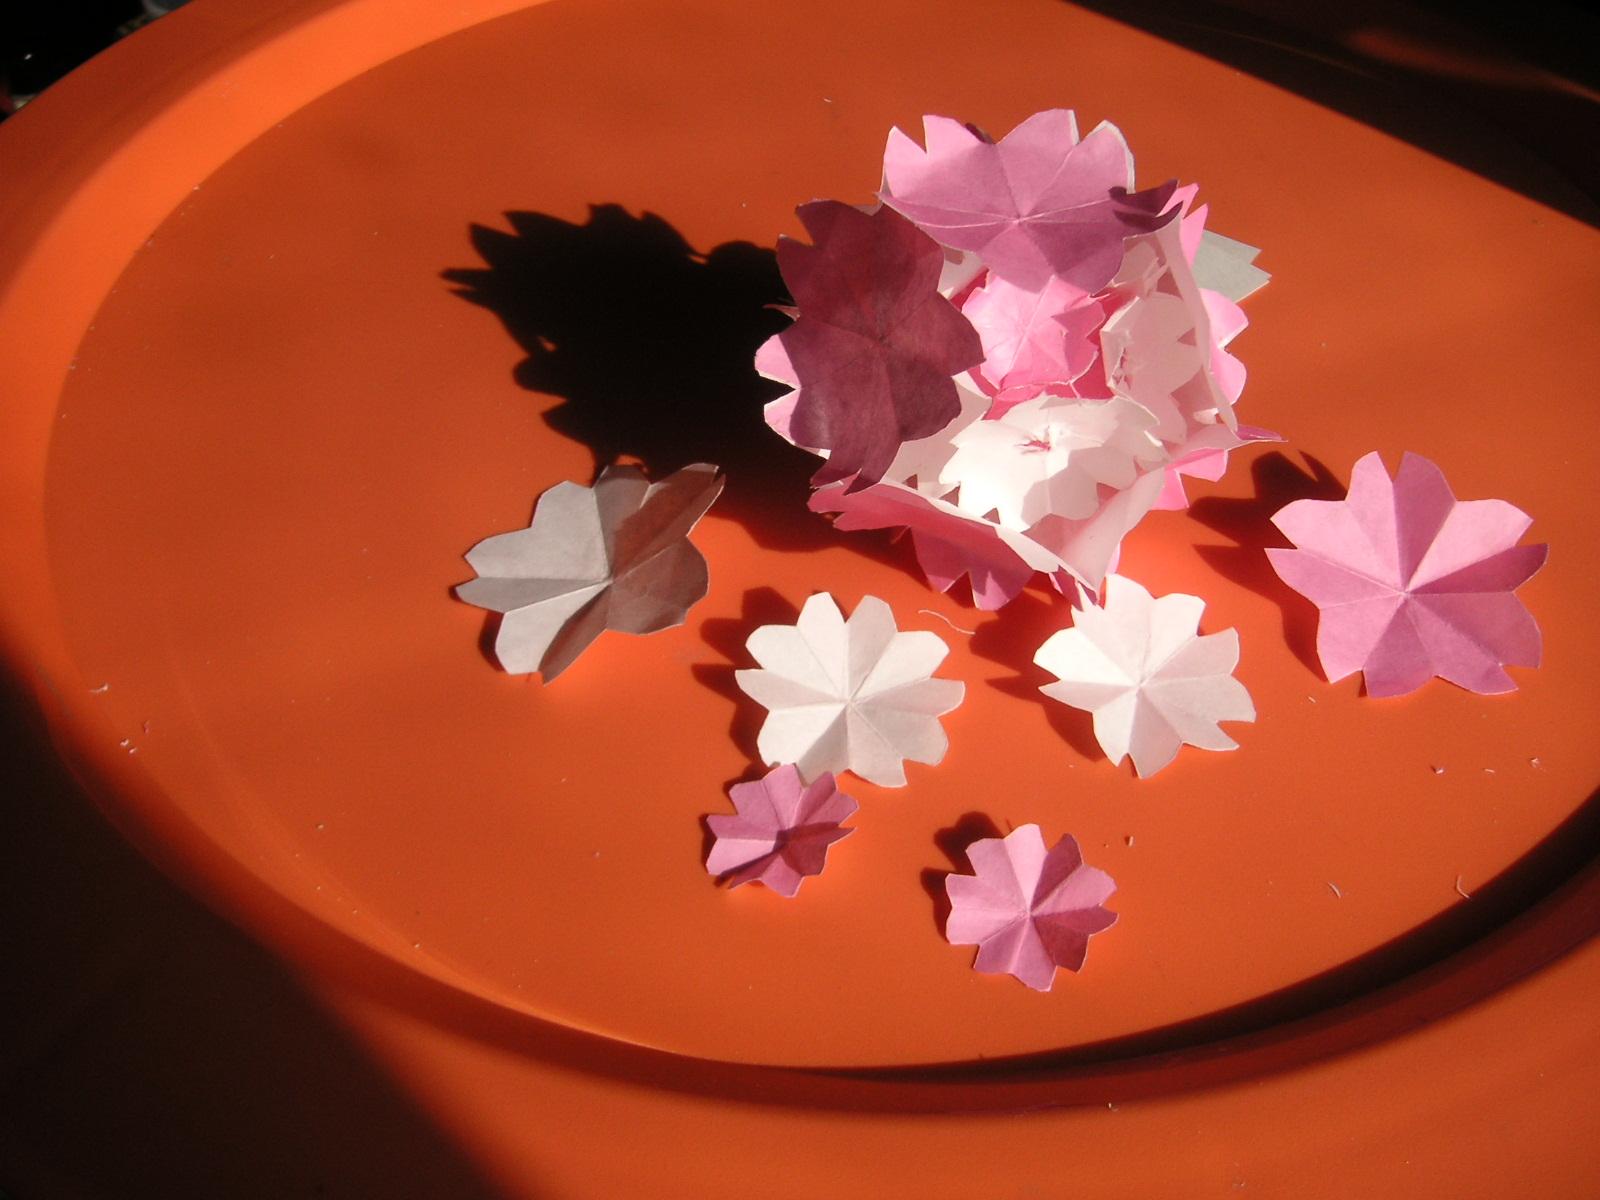 すべての折り紙 折り紙 マジックボール 折り方 : 2009年2月15日 (日) 折紙 | 固定 ...